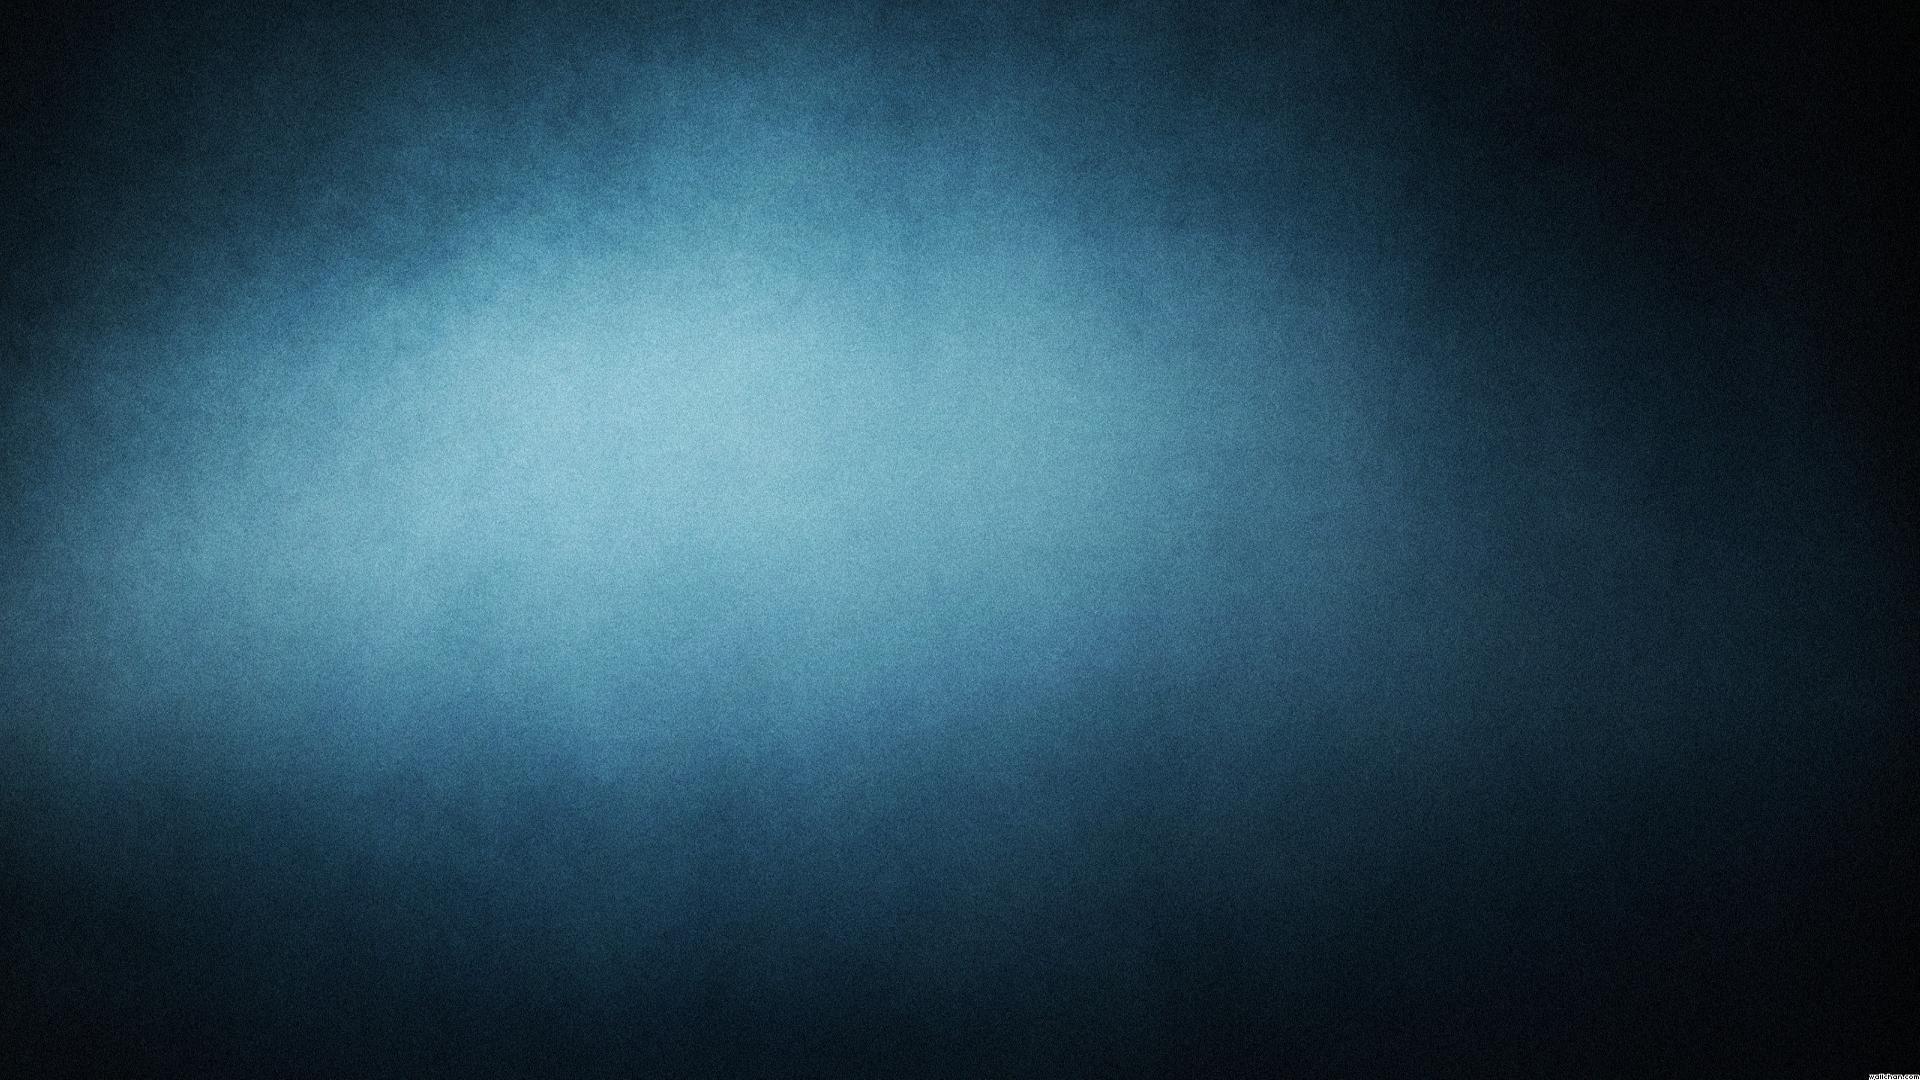 Wallpapers For > Plain Dark Blue Background Wallpaper